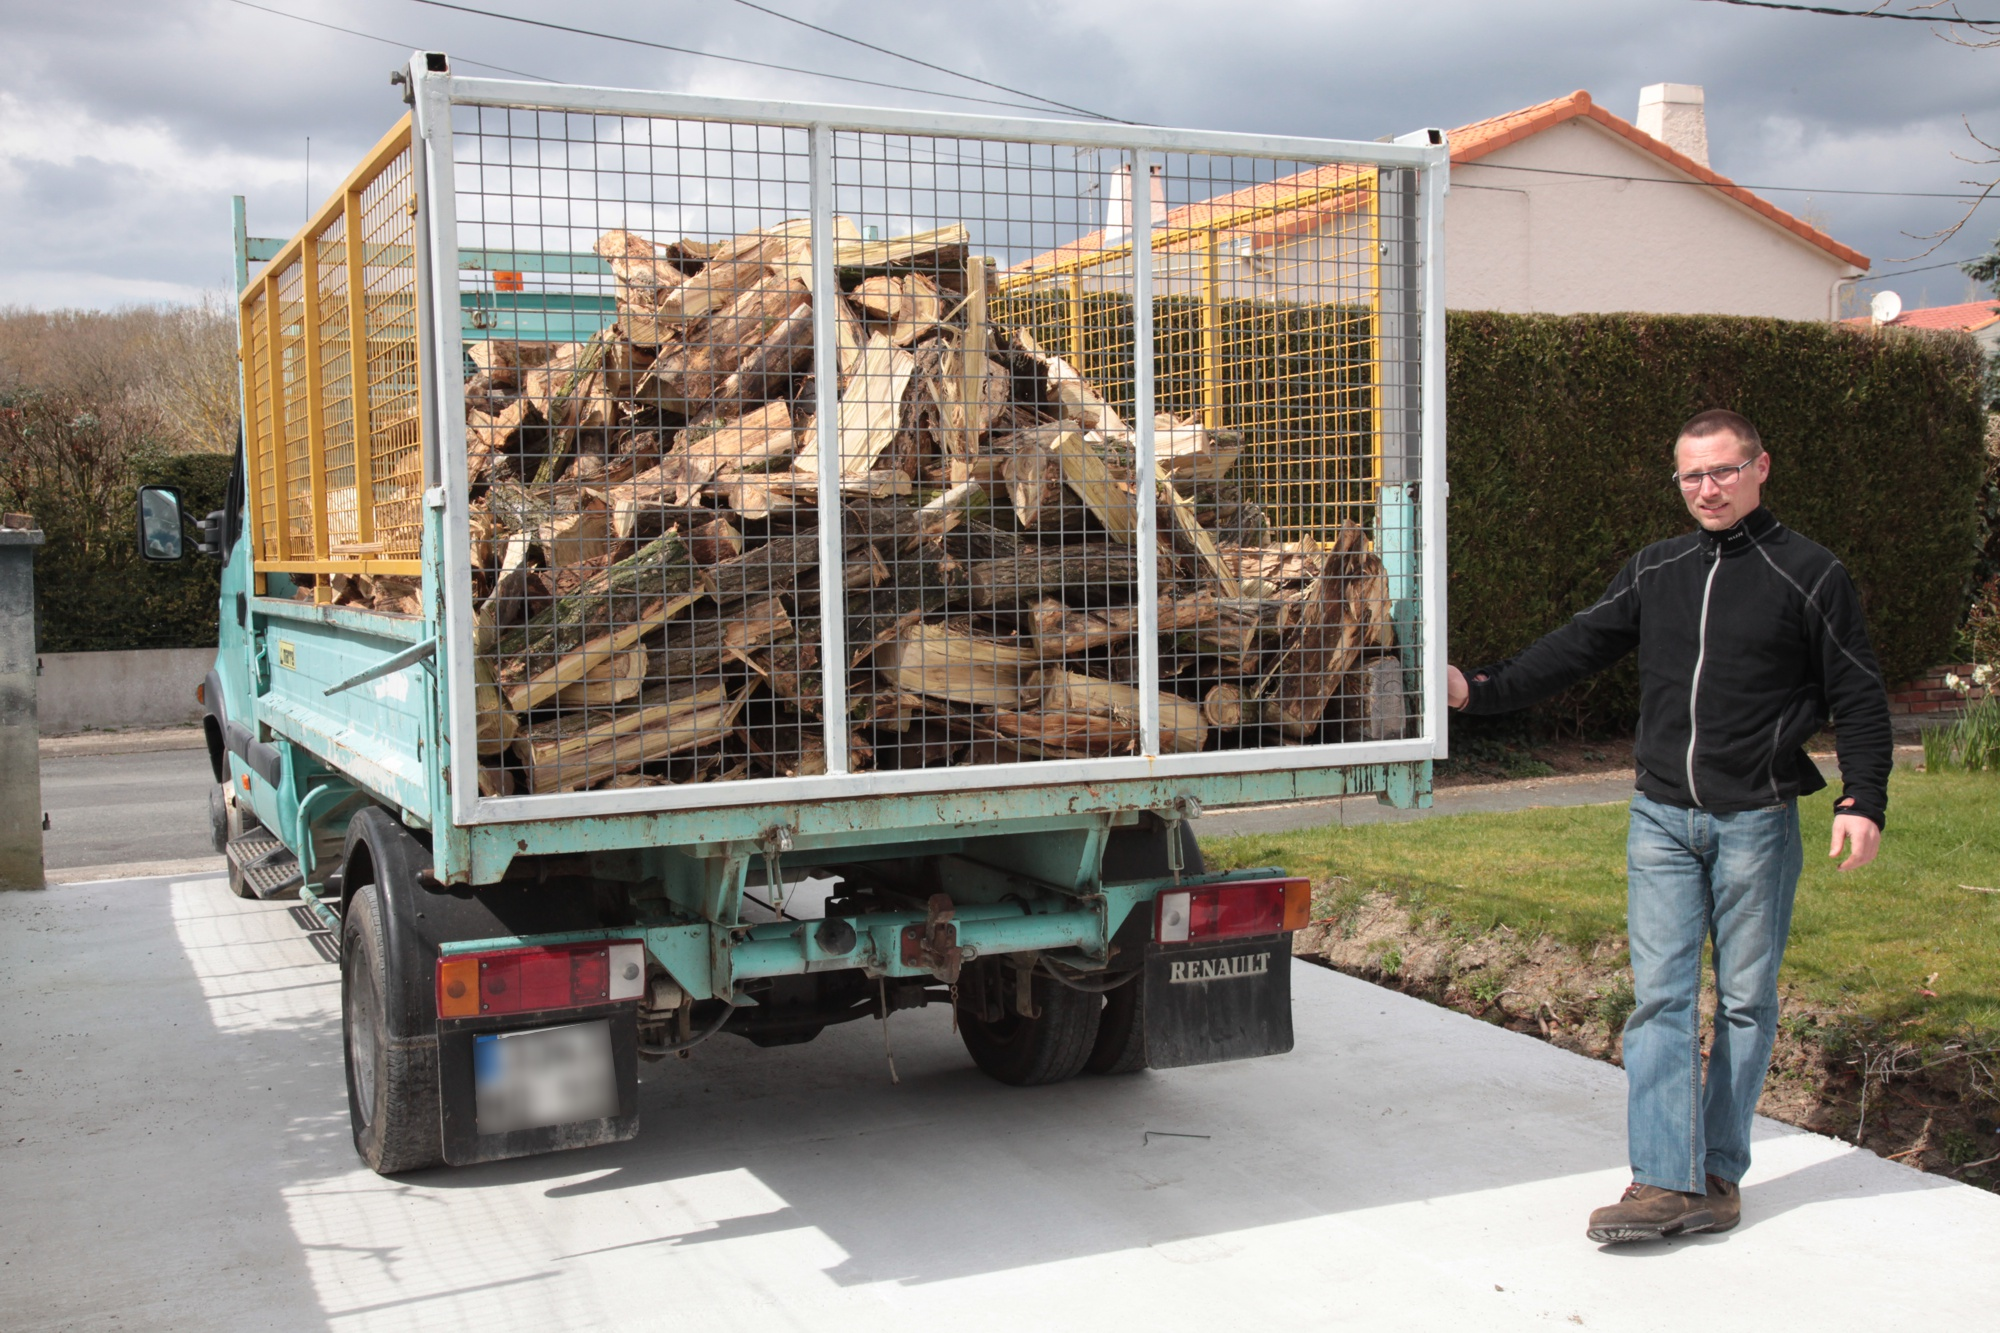 Livraison de bois à St Laurent sur Sèvre